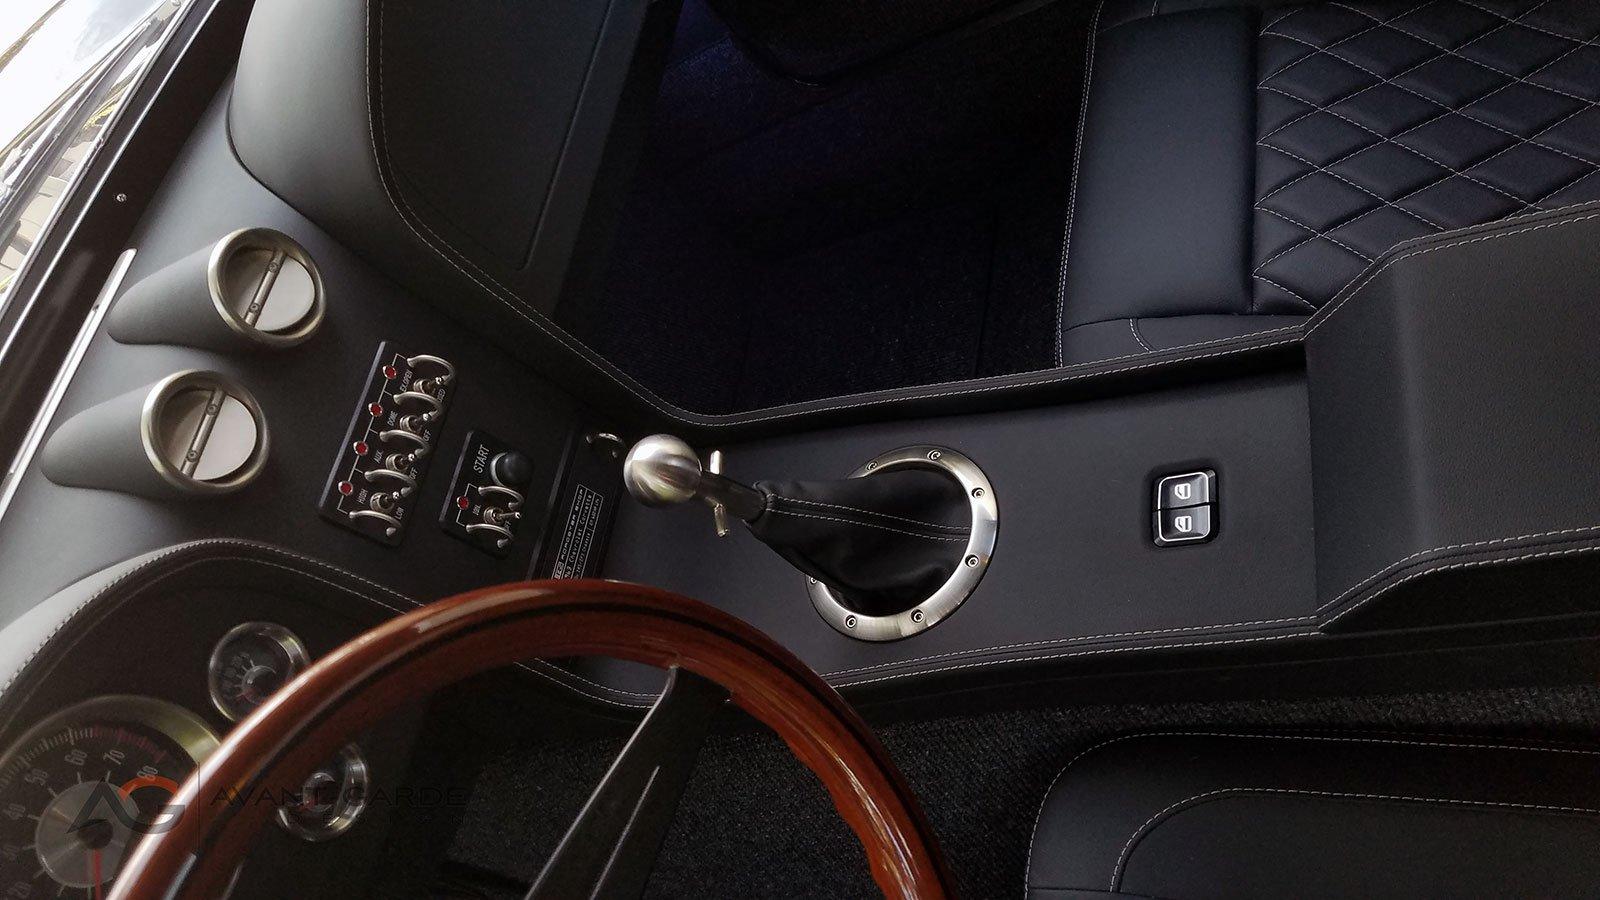 interior-center-console